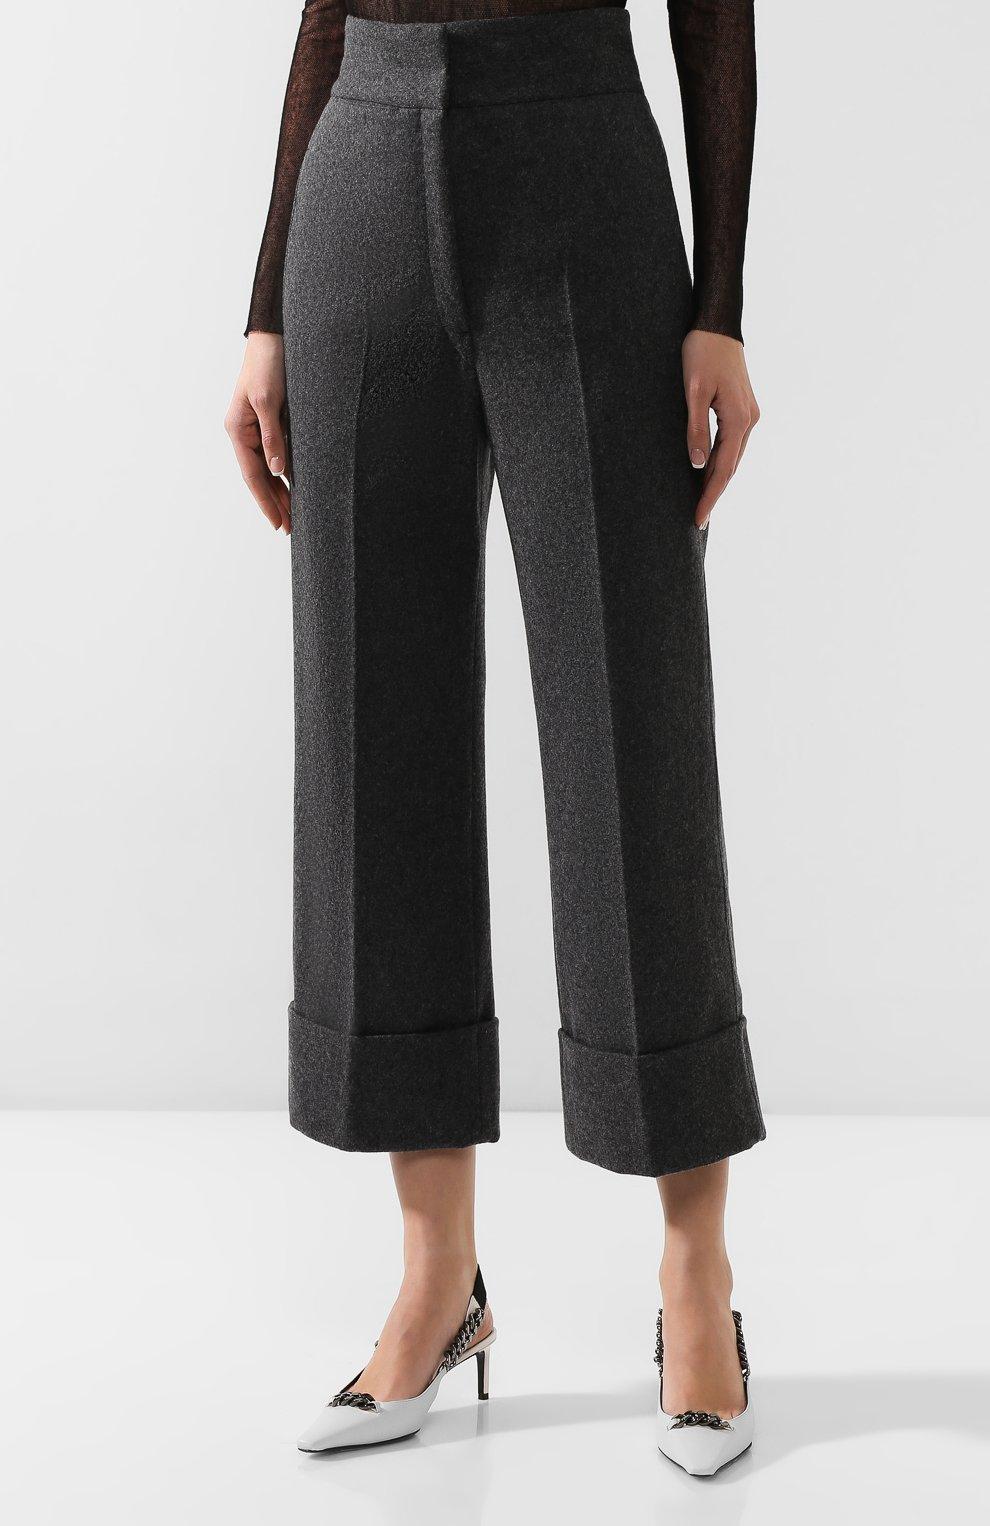 Женские шерстяные брюки LEMAIRE темно-серого цвета, арт. W 193 PA261 LF393 | Фото 3 (Материал внешний: Шерсть; Женское Кросс-КТ: Брюки-одежда; Материал подклада: Синтетический материал; Длина (брюки, джинсы): Укороченные; Статус проверки: Проверена категория)